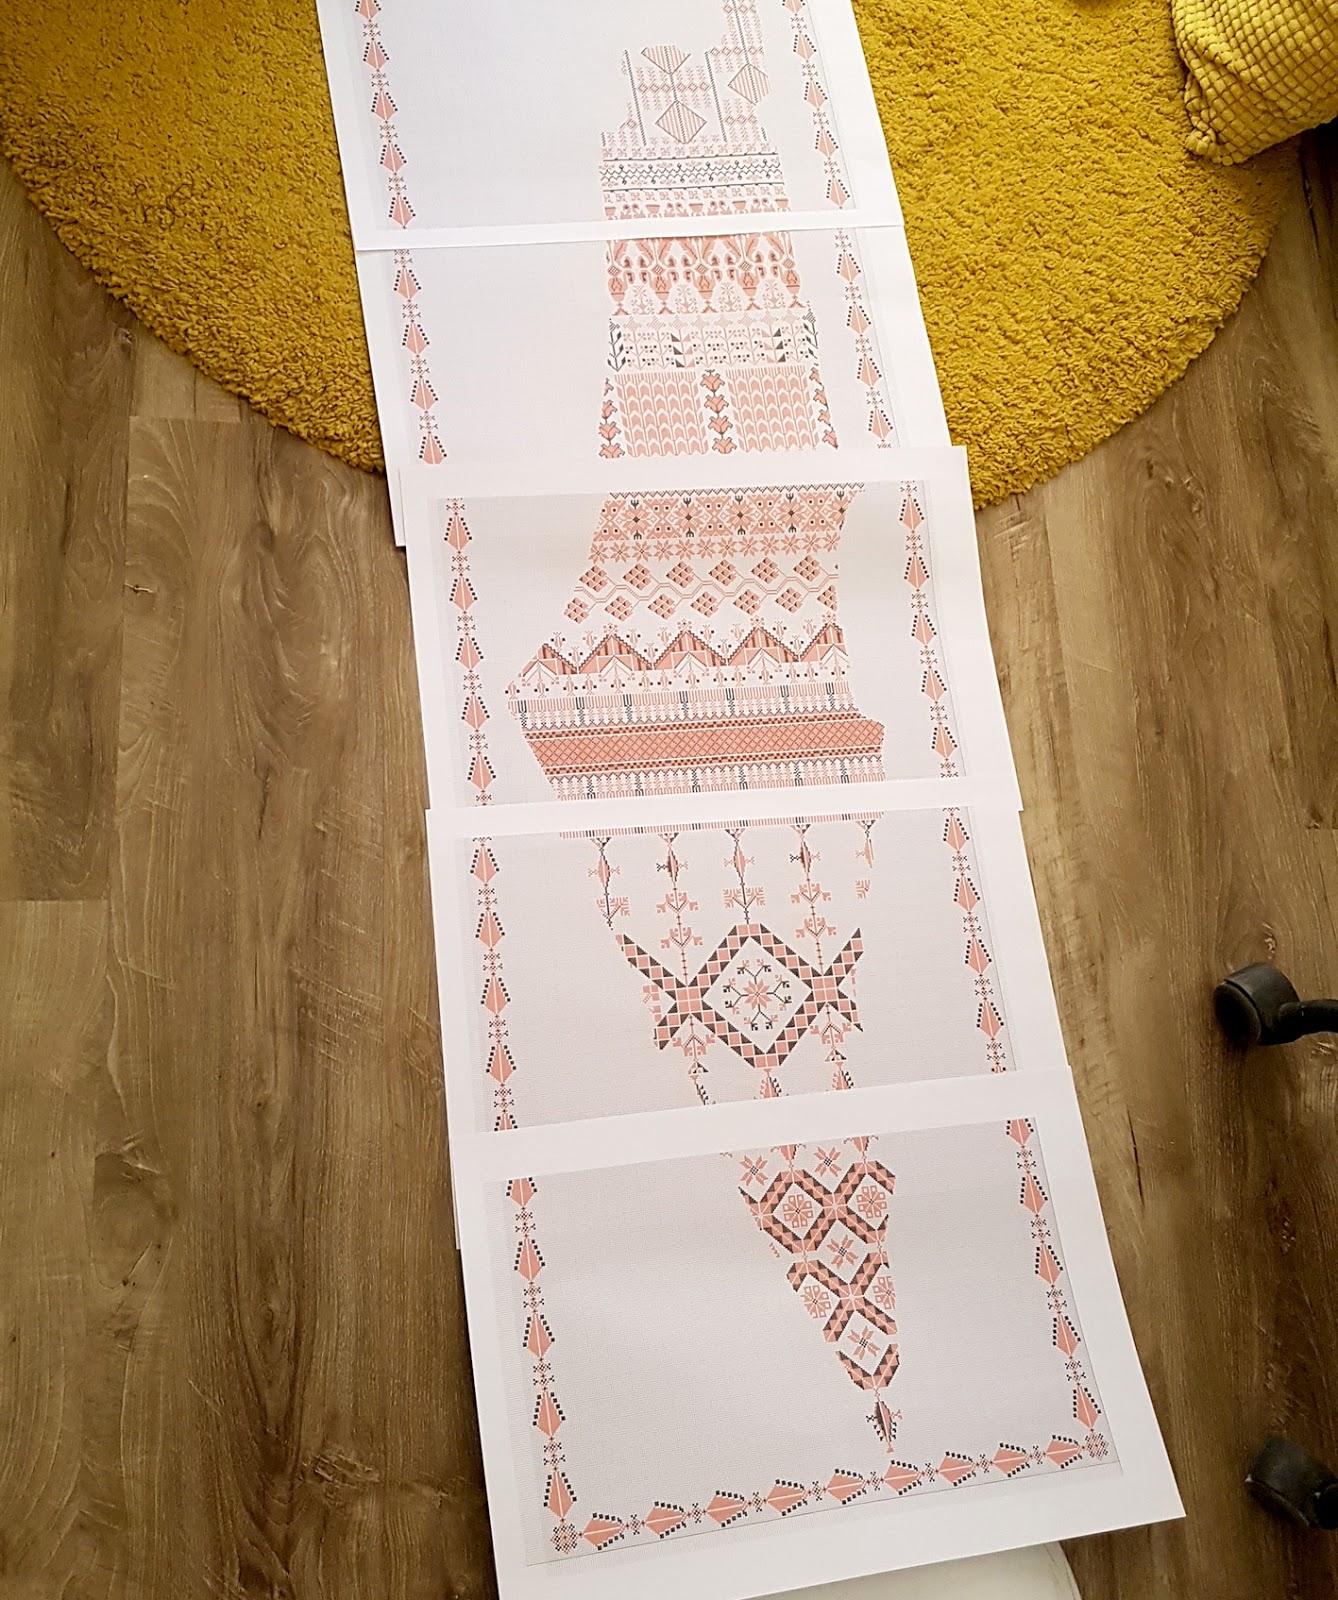 Palestinian Embroidery Patterns Palestinian Parametric Patterns P Parallel Palestinian